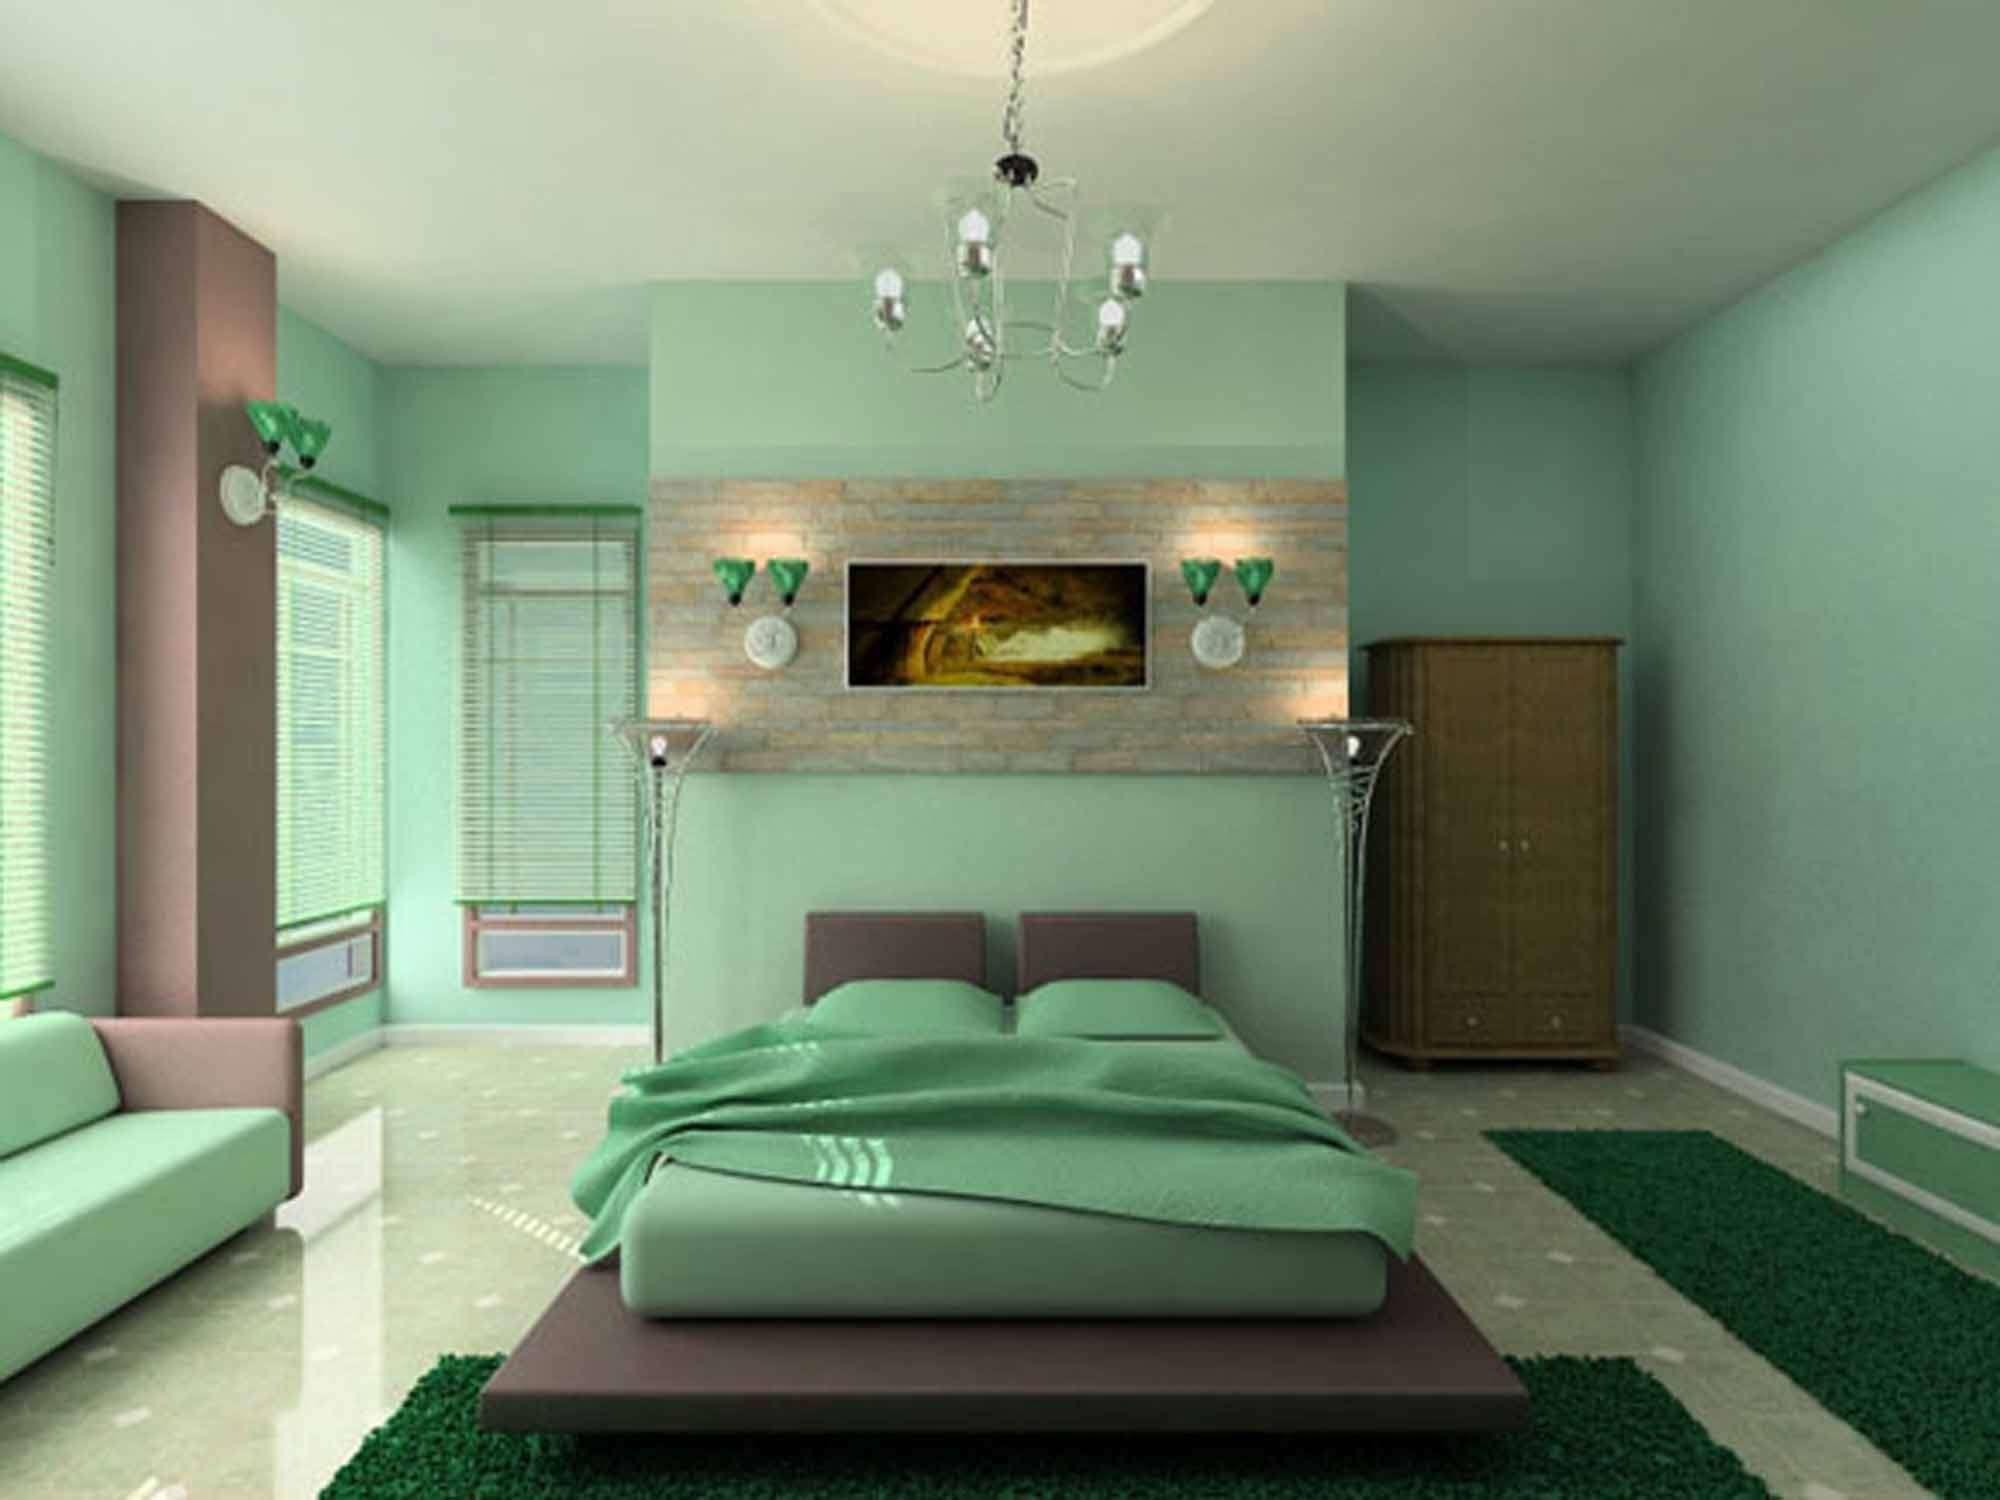 Licht Schlafzimmer Farben Grün Schlafzimmer Ideen Lindgrün